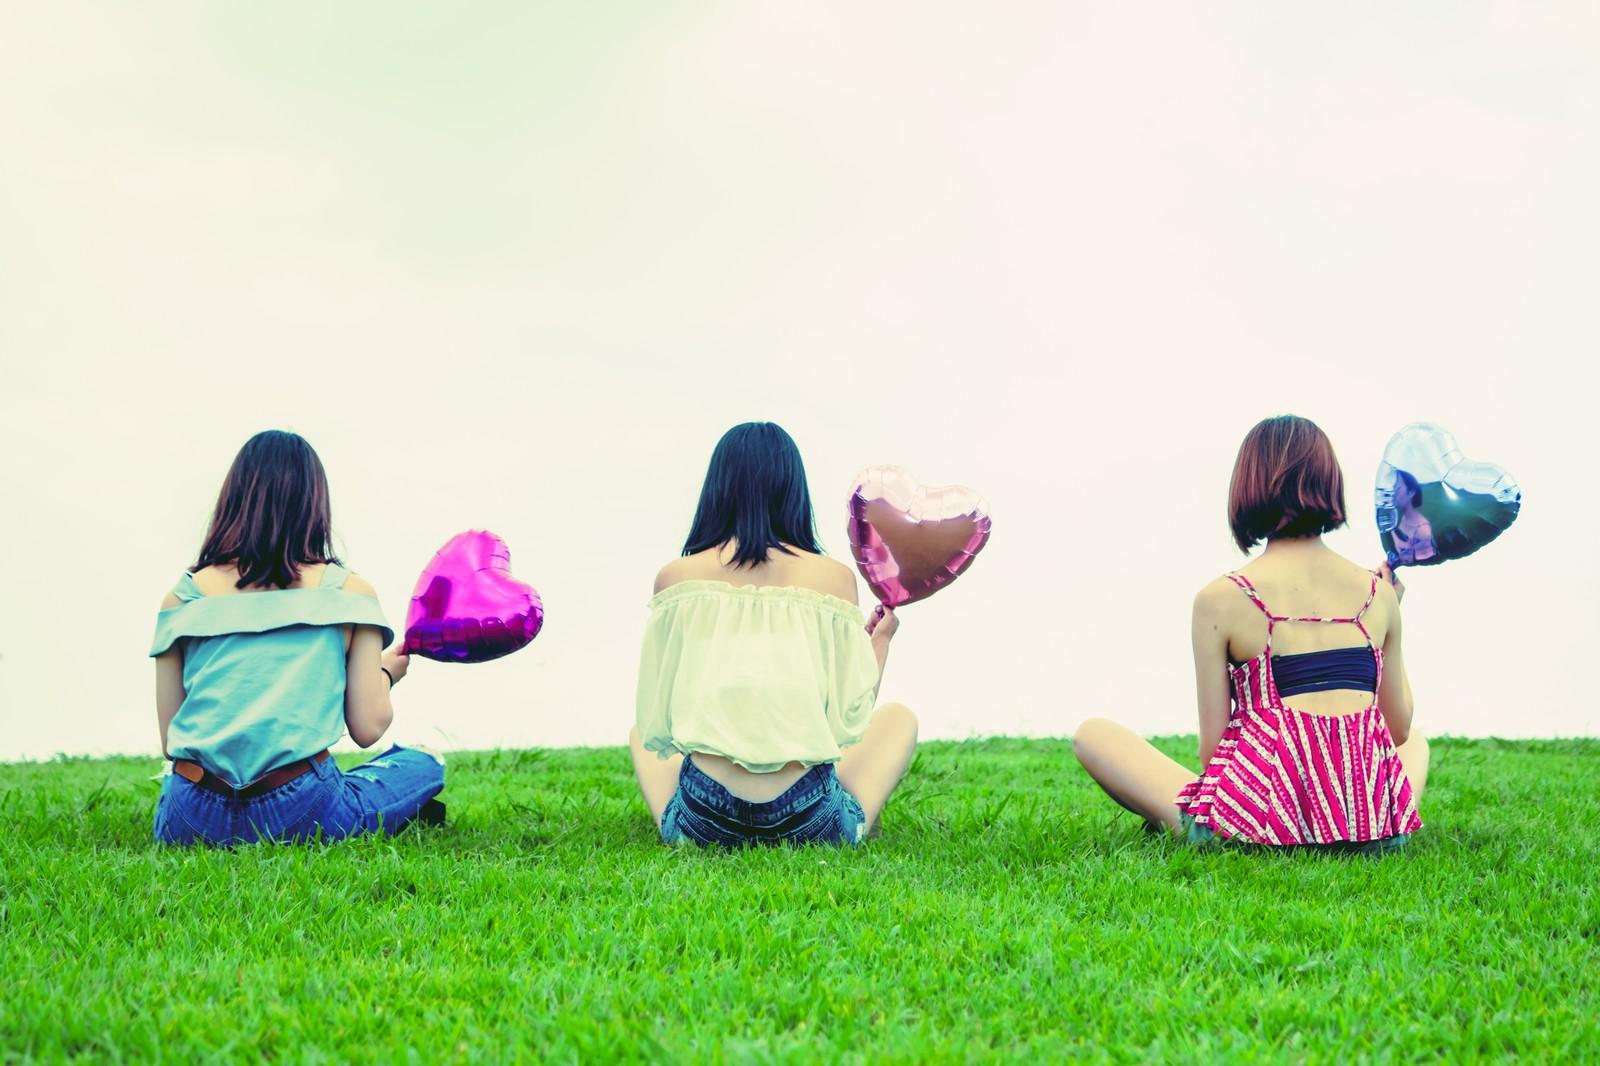 三人組の女の子